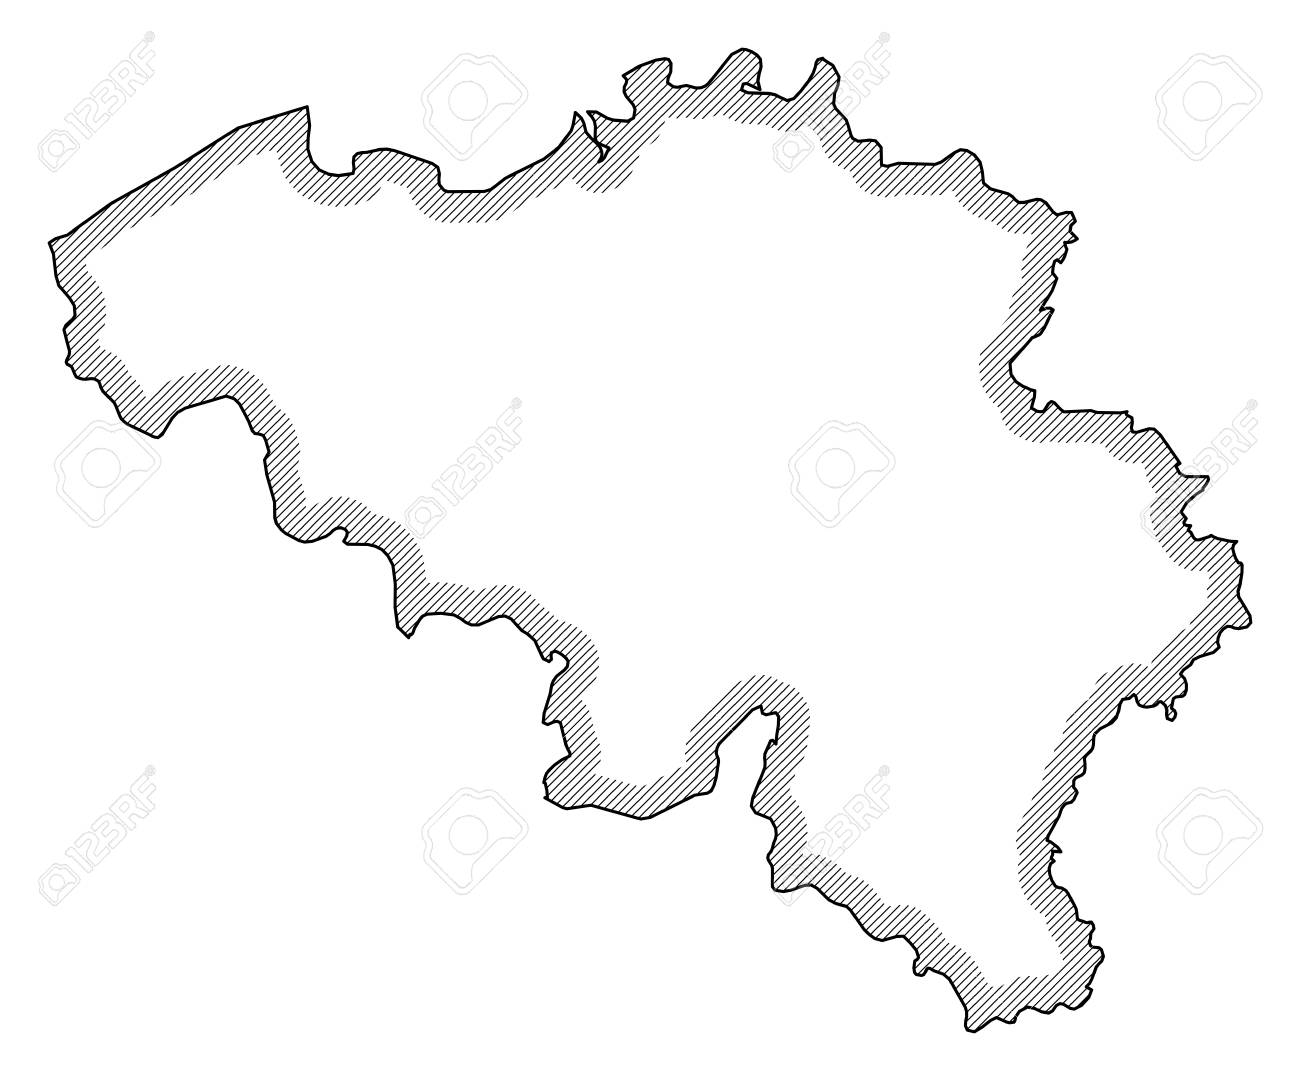 Carte Belgique Noir Et Blanc.Carte De La Belgique En Noir Et Blanc La Belgique Est Mise En Evidence Par Une Hachure